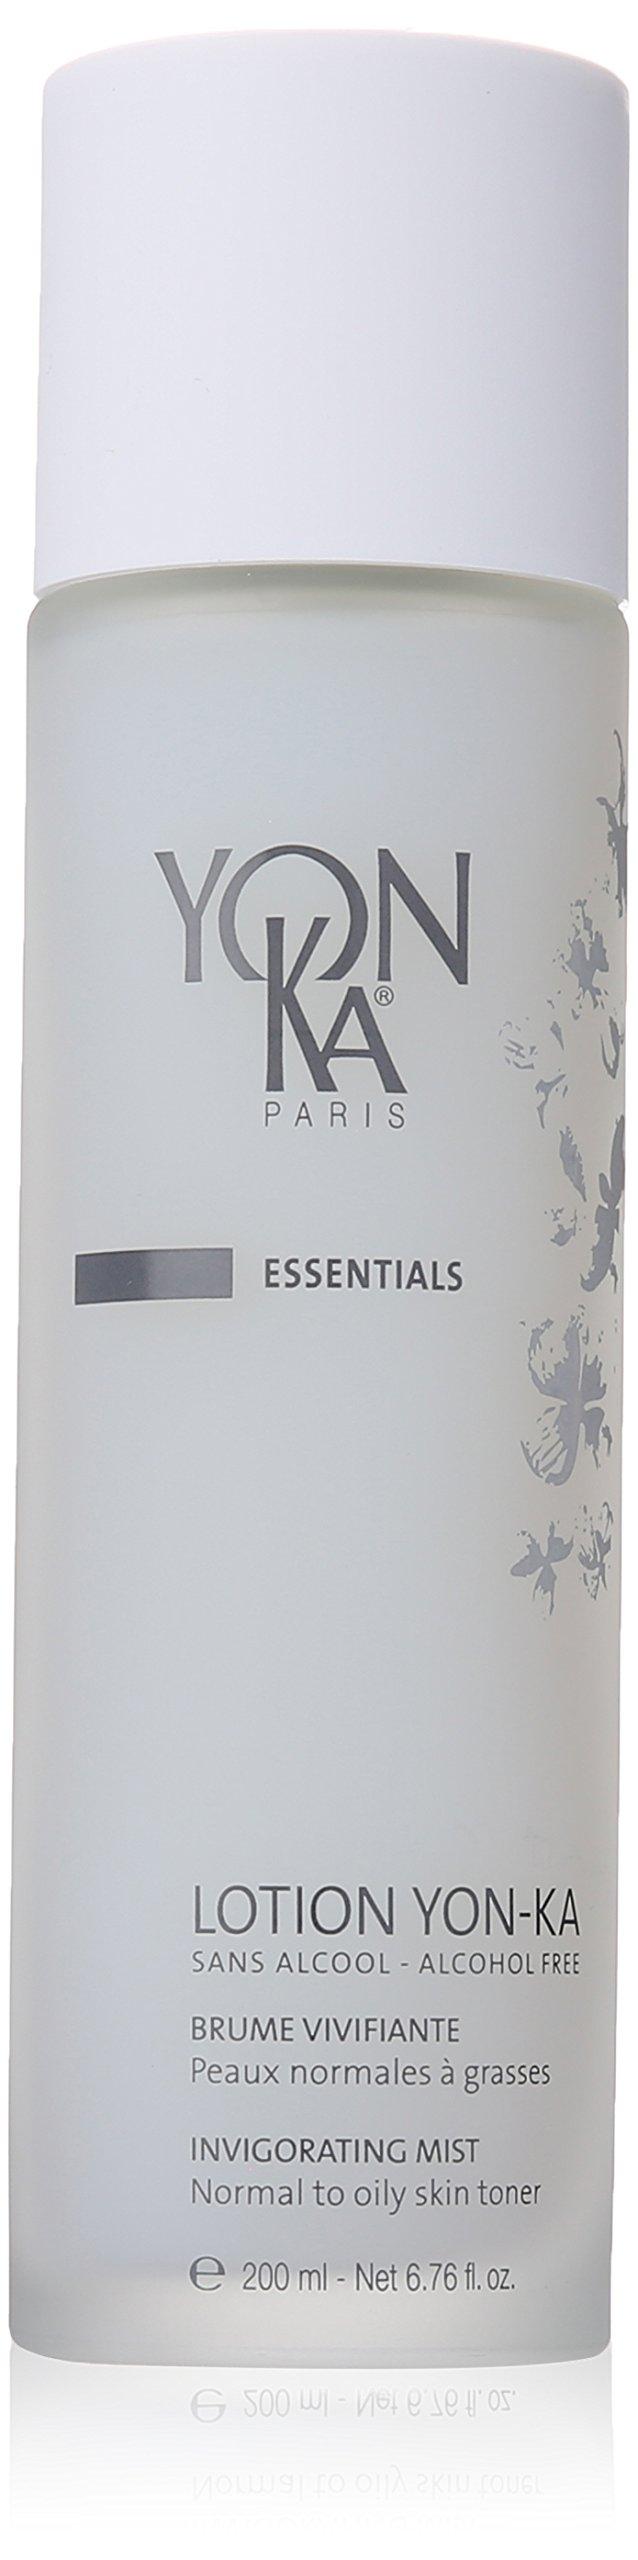 Yon-ka Essentials Lotion Yon-Ka PNG 6.76 oz/200 ml